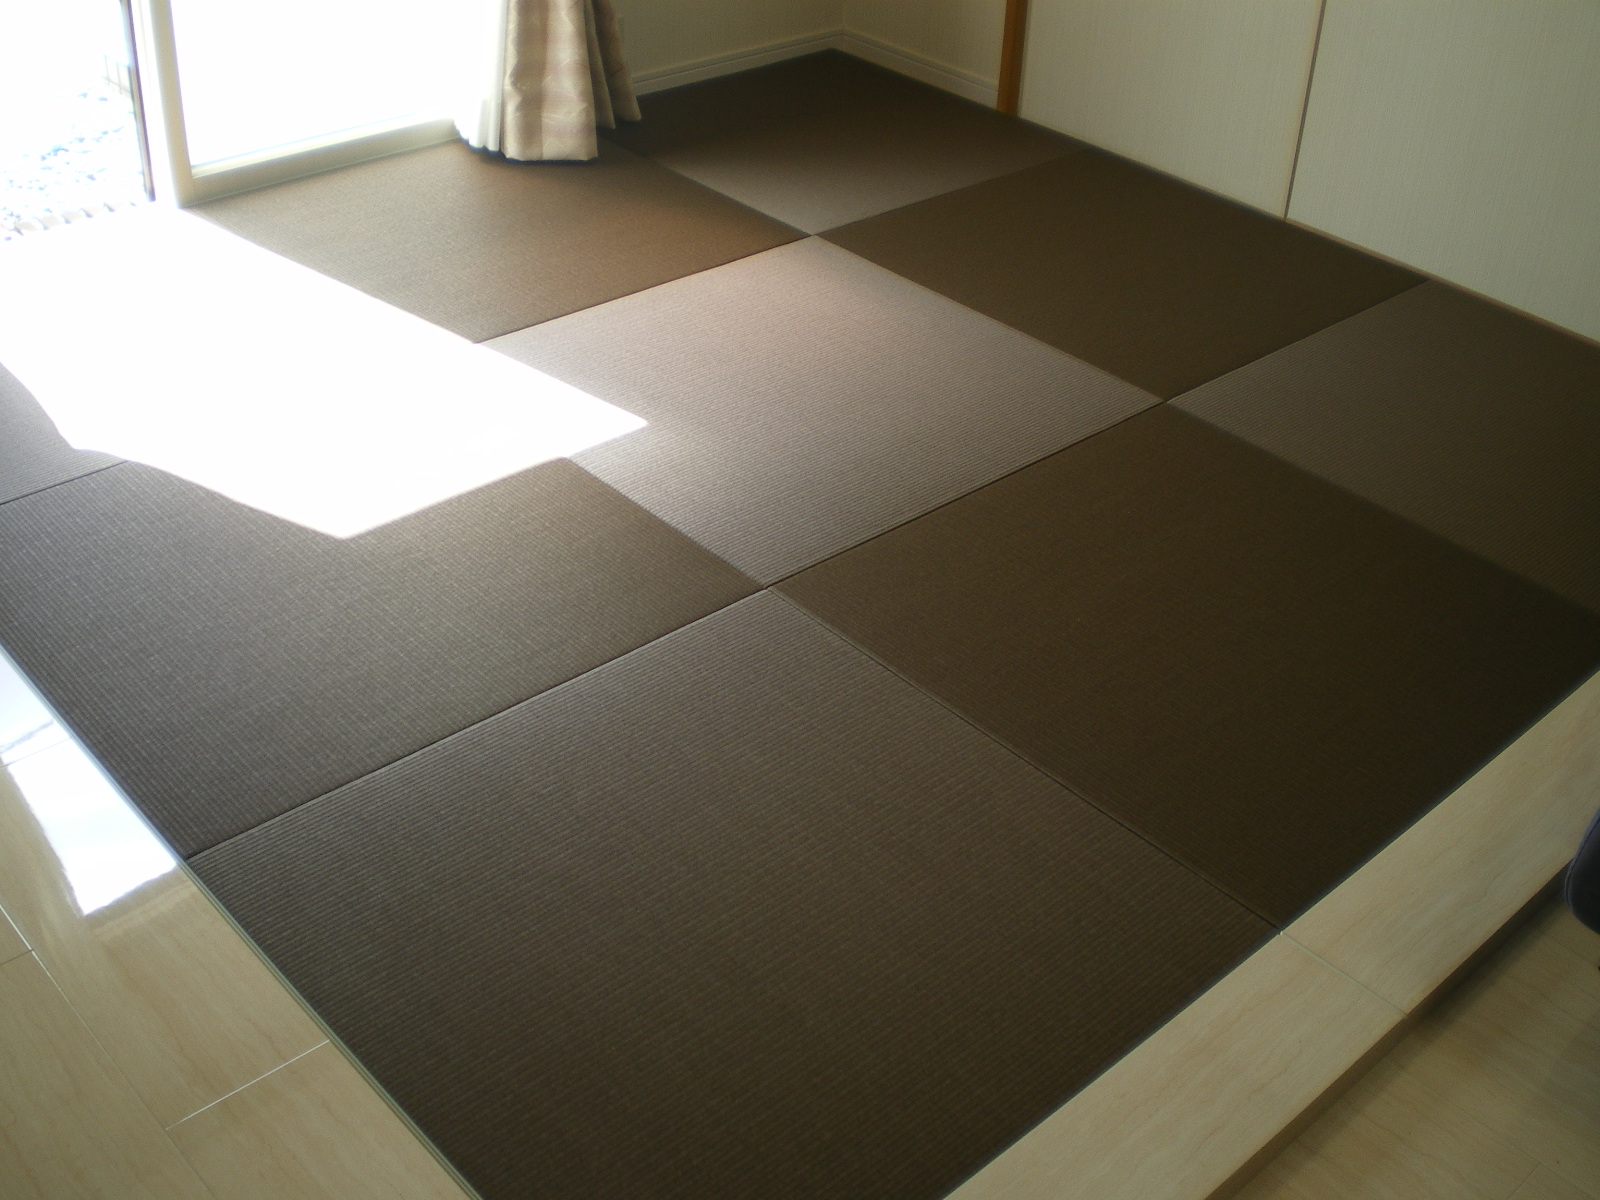 へりなし琉球畳(カクテルフィット 栗色×胡桃色)